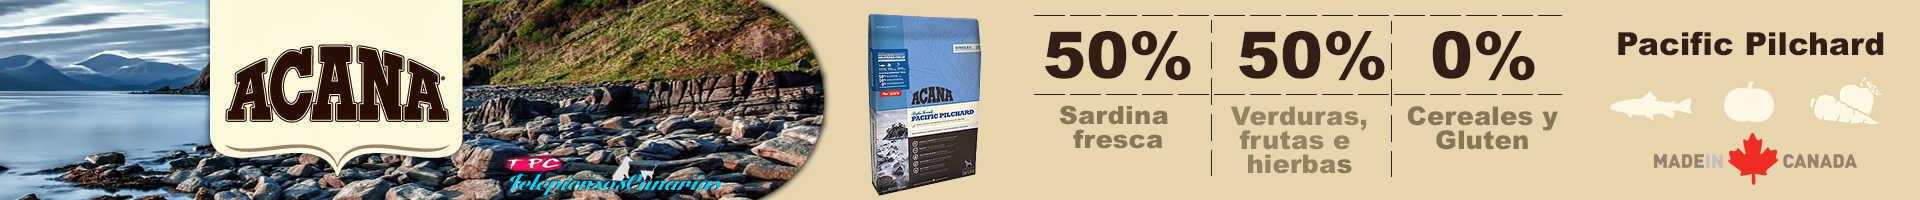 Acana Pacific Pilchard, 50% de sardinas y sin cereales